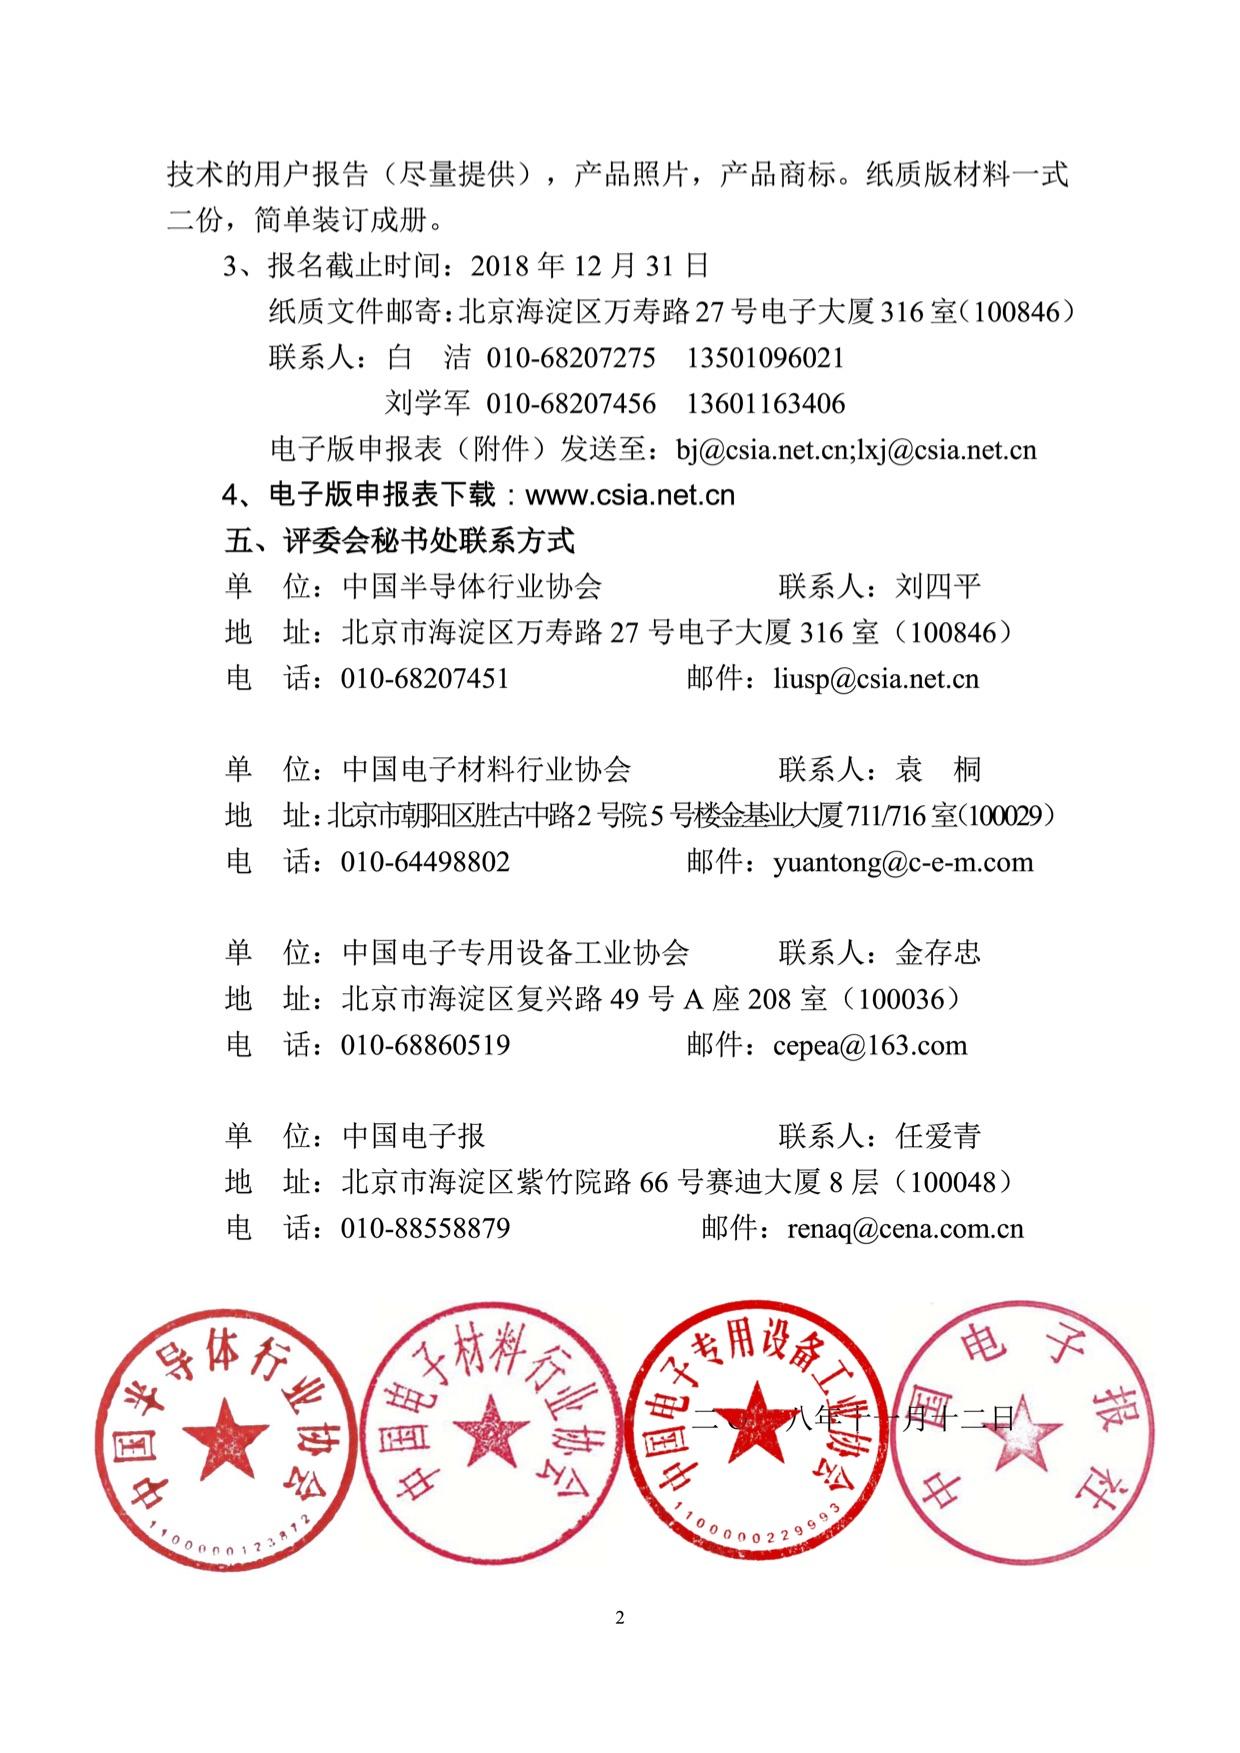 2018年度评选通知(红头红章)3.jpg